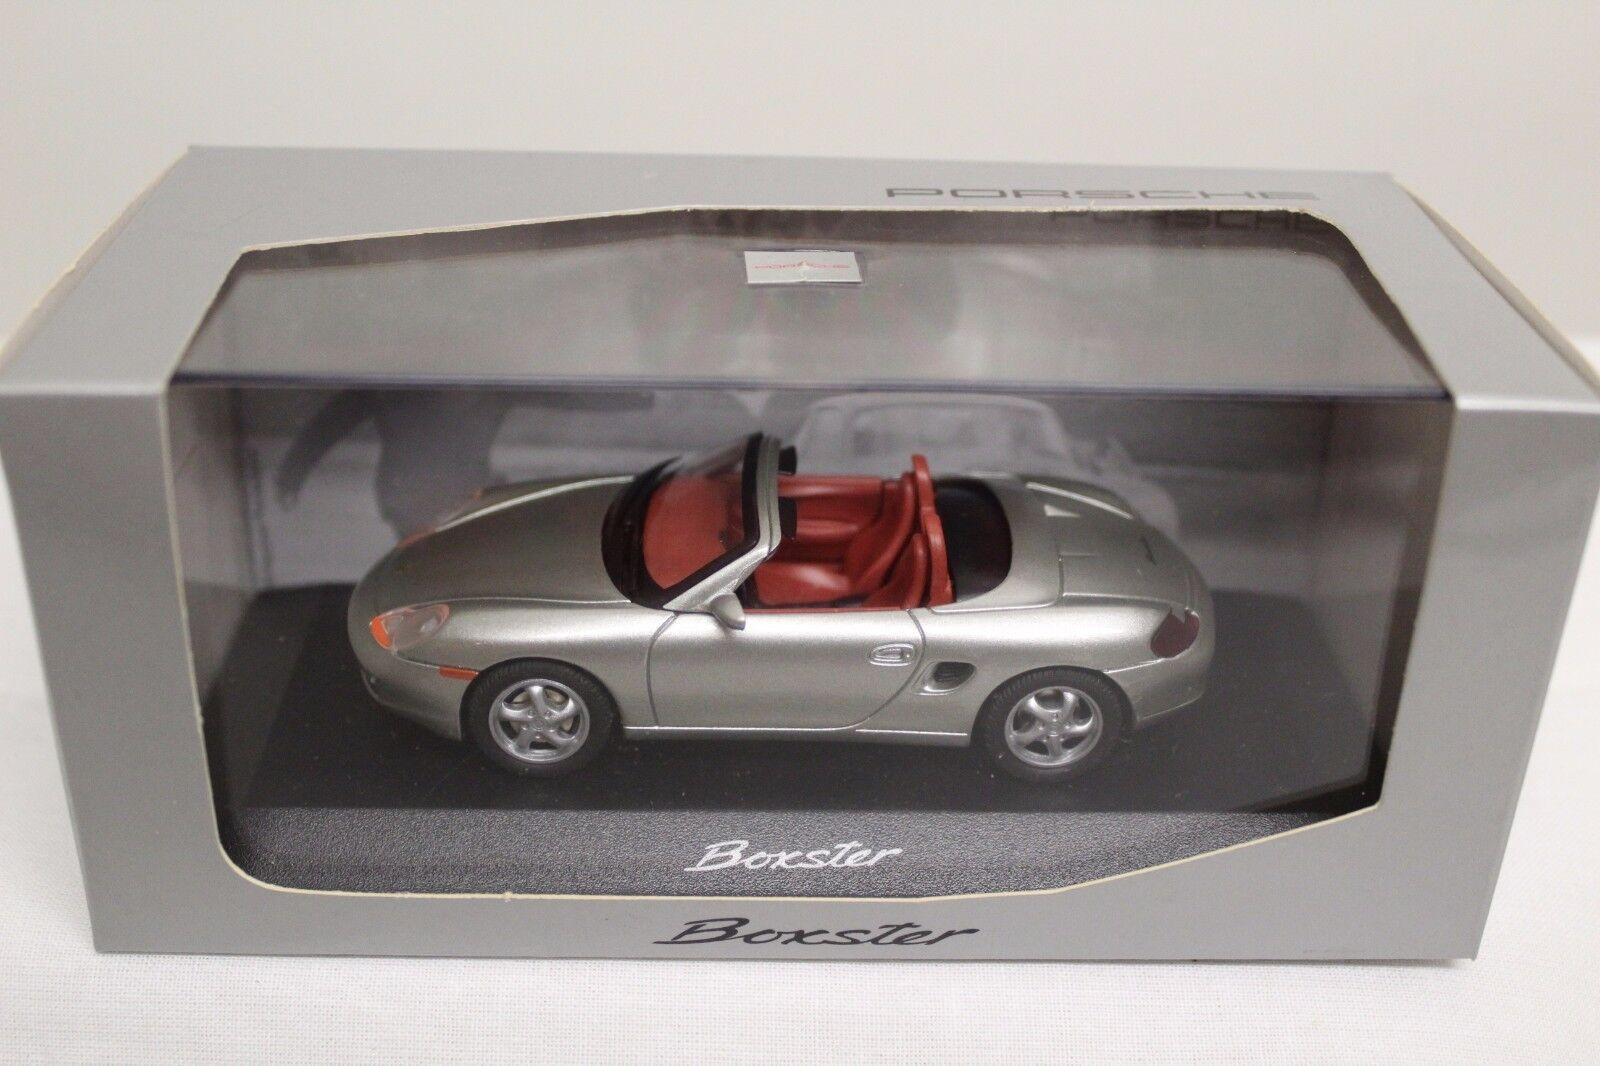 Porsche Limited Collection Boxter 1 43 NEU Ersatzteilnummer WAP 020019 Schuco    Verwendet in der Haltbarkeit